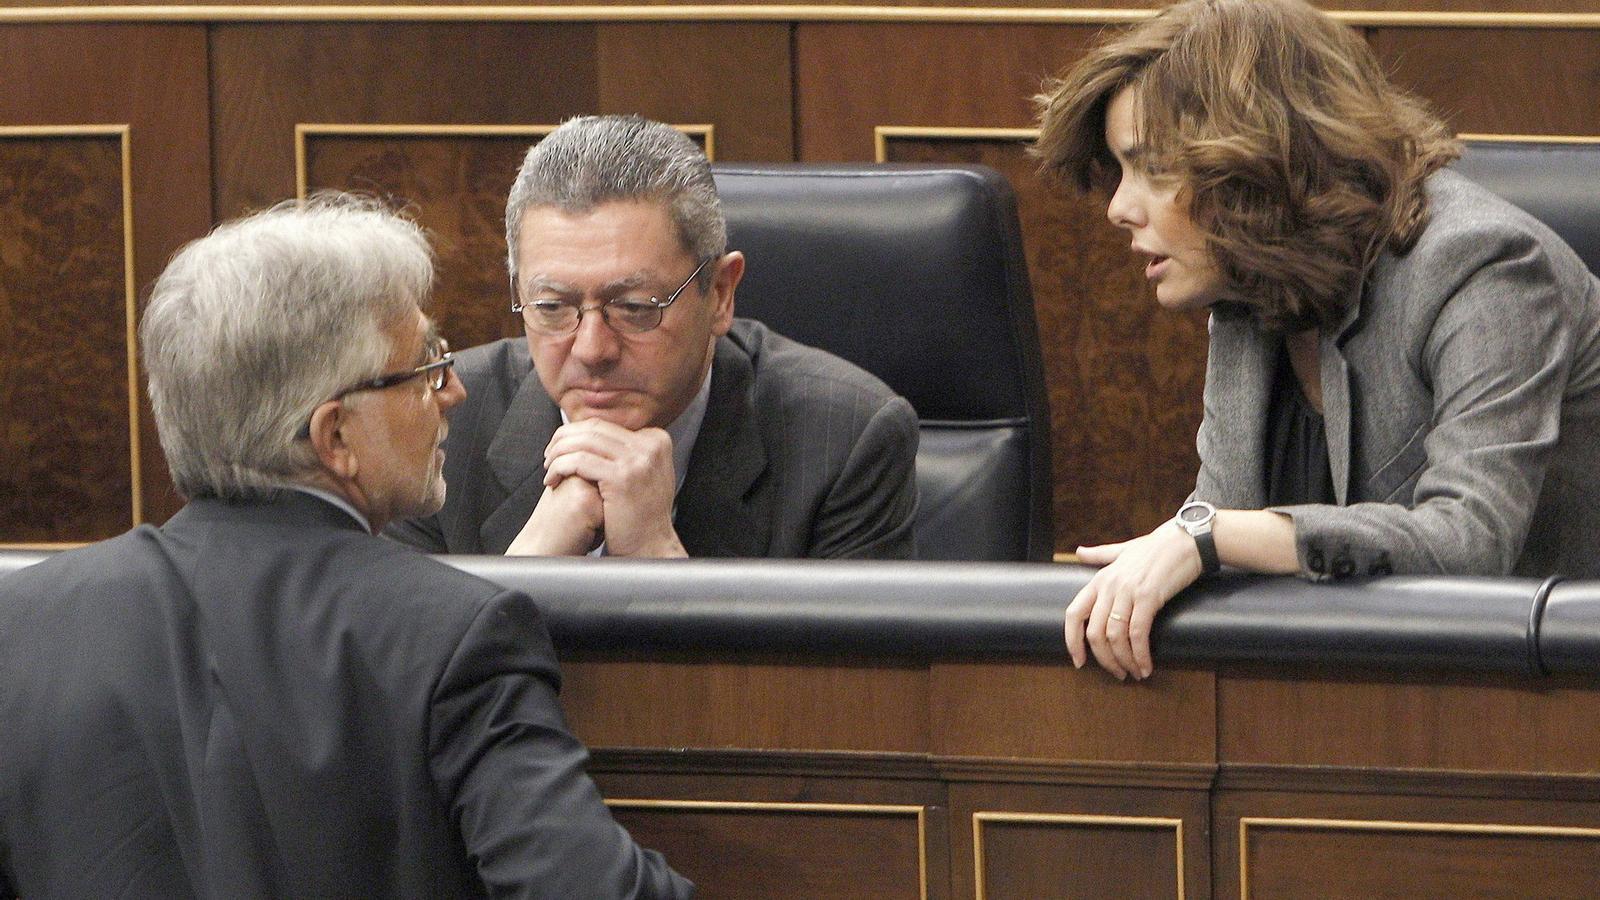 """LA LEGISLATURA COMENÇA AMB UN ACORD PP-CIU  Mariano Rajoy ha aconseguit aprovar la seva primera gran mesura econòmica, el pla per reduir el dèficit públic, amb el suport dels diputats de CiU. La Moncloa assegura que la majoria absoluta no ha d'invalidar la manca de """"complicitats"""" amb els altres grups polítics. Els nacionalistes van justificar el vot afirmatiu per """"coherència política""""."""